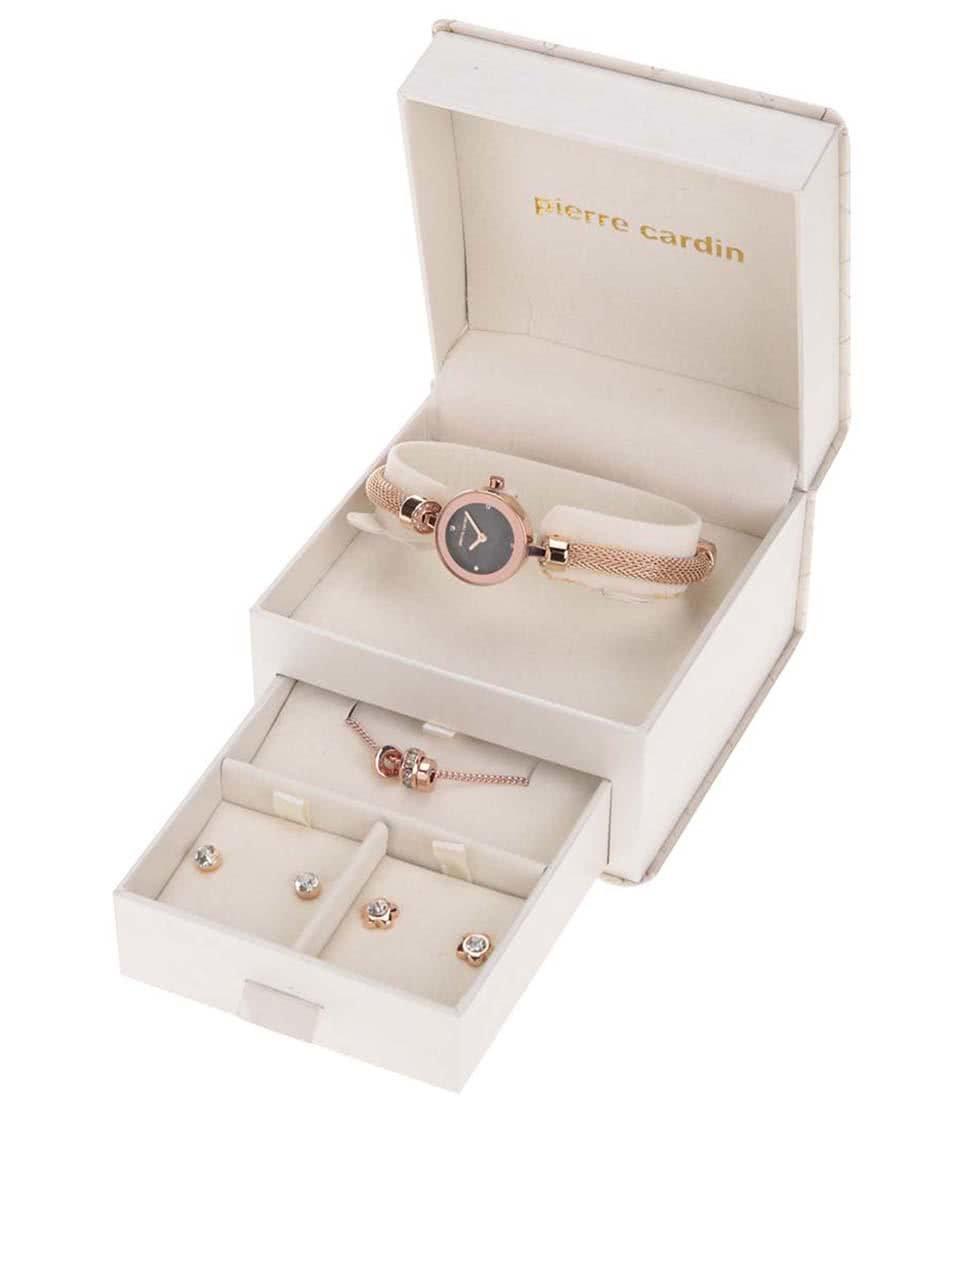 Hodinky se sadou šperků v bílé kazetě Pierre Cardin ... fb0d5b46651